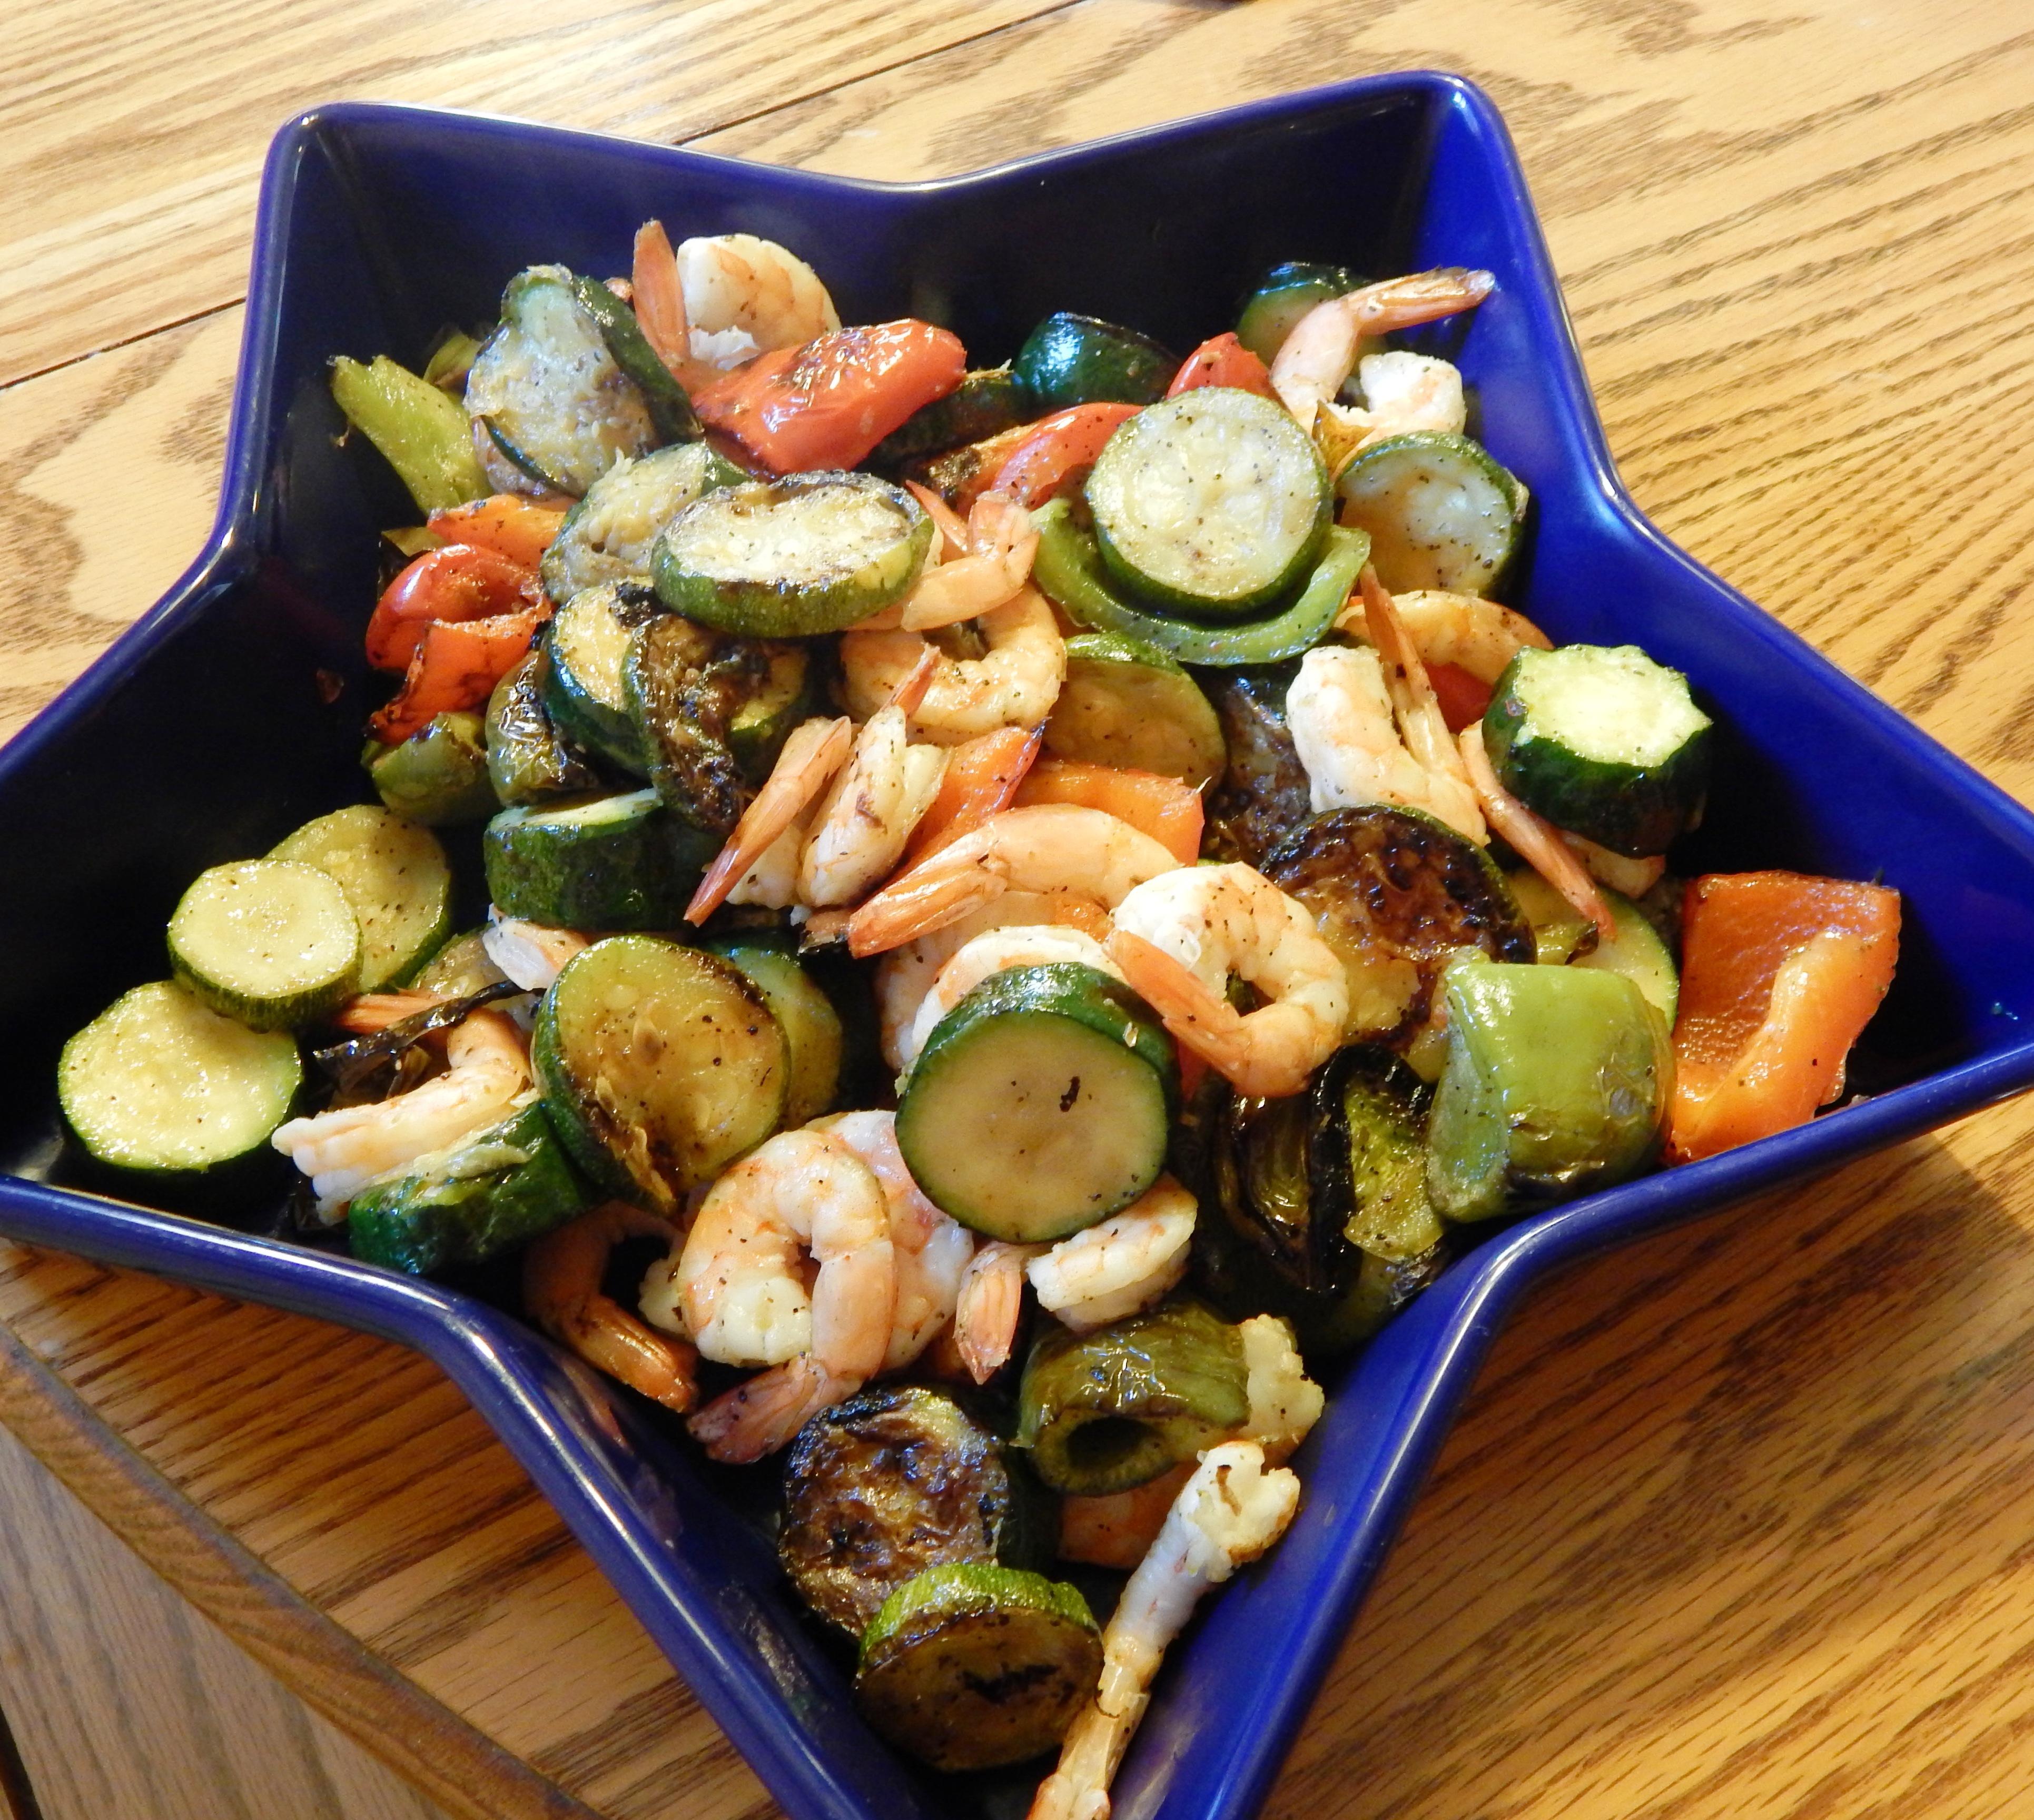 Grilled Vegetables & Shrimp Toss